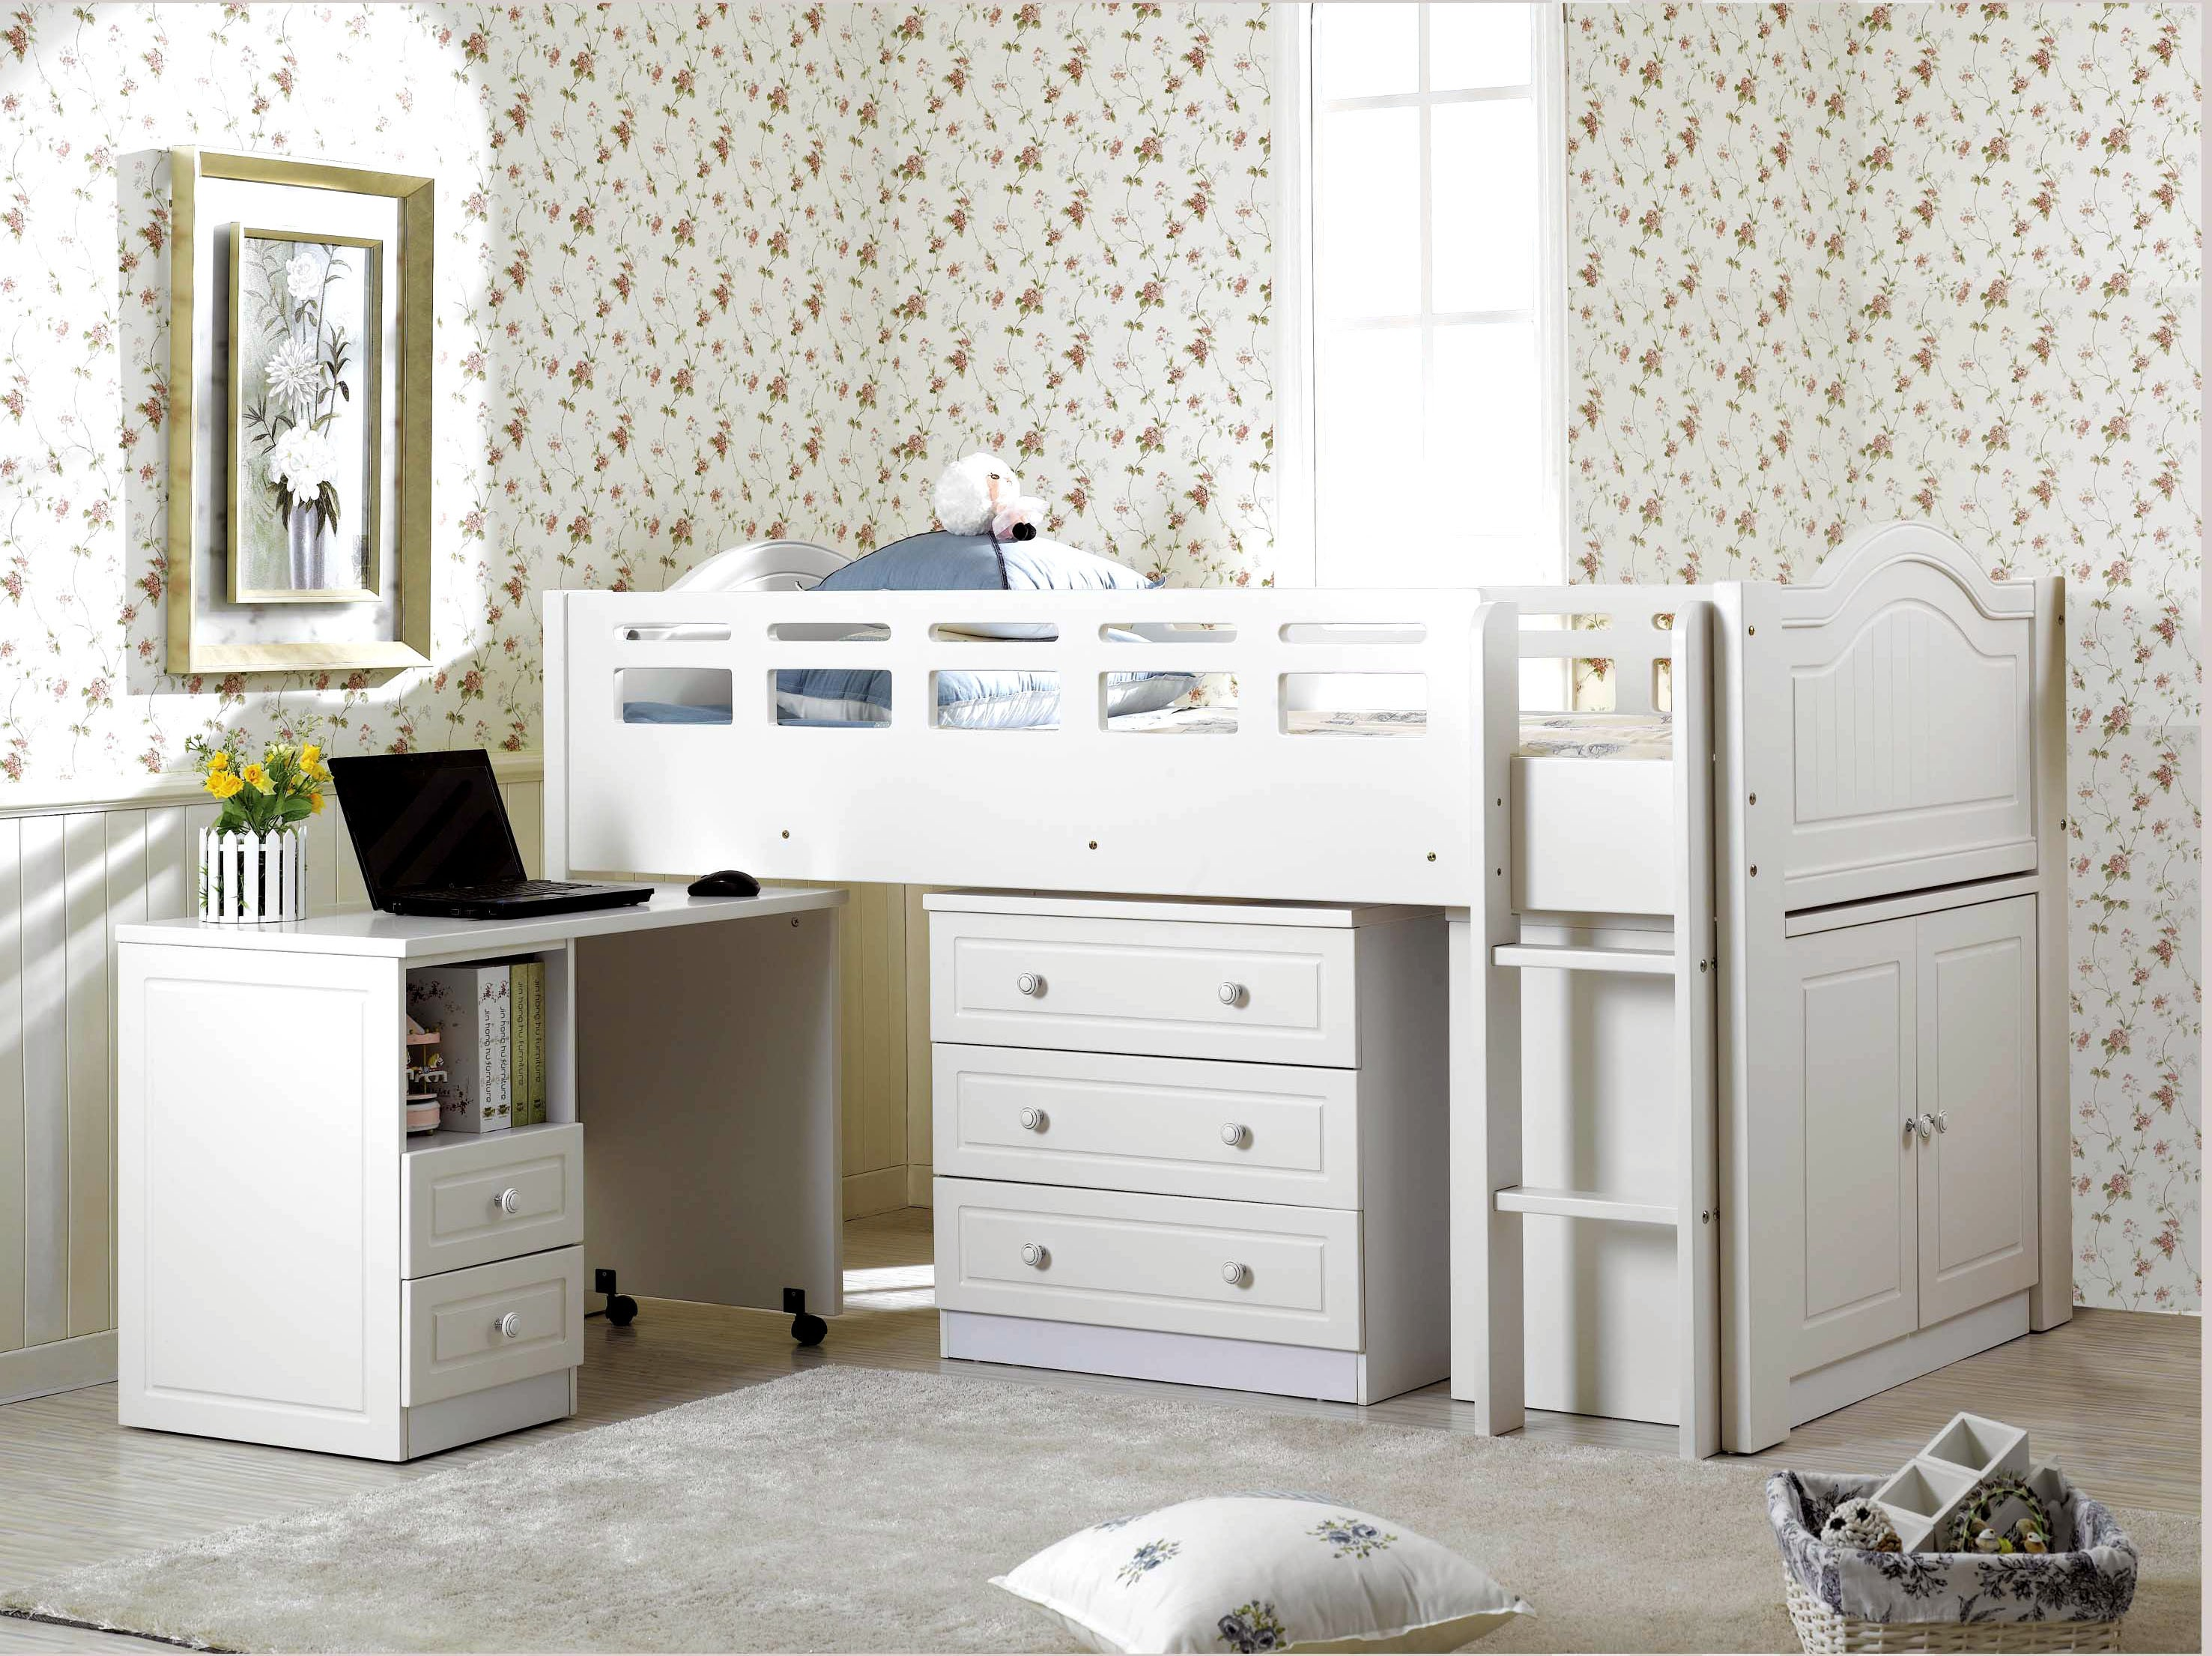 King single bed frame sydney - Venus Kingsingle Loft Bed